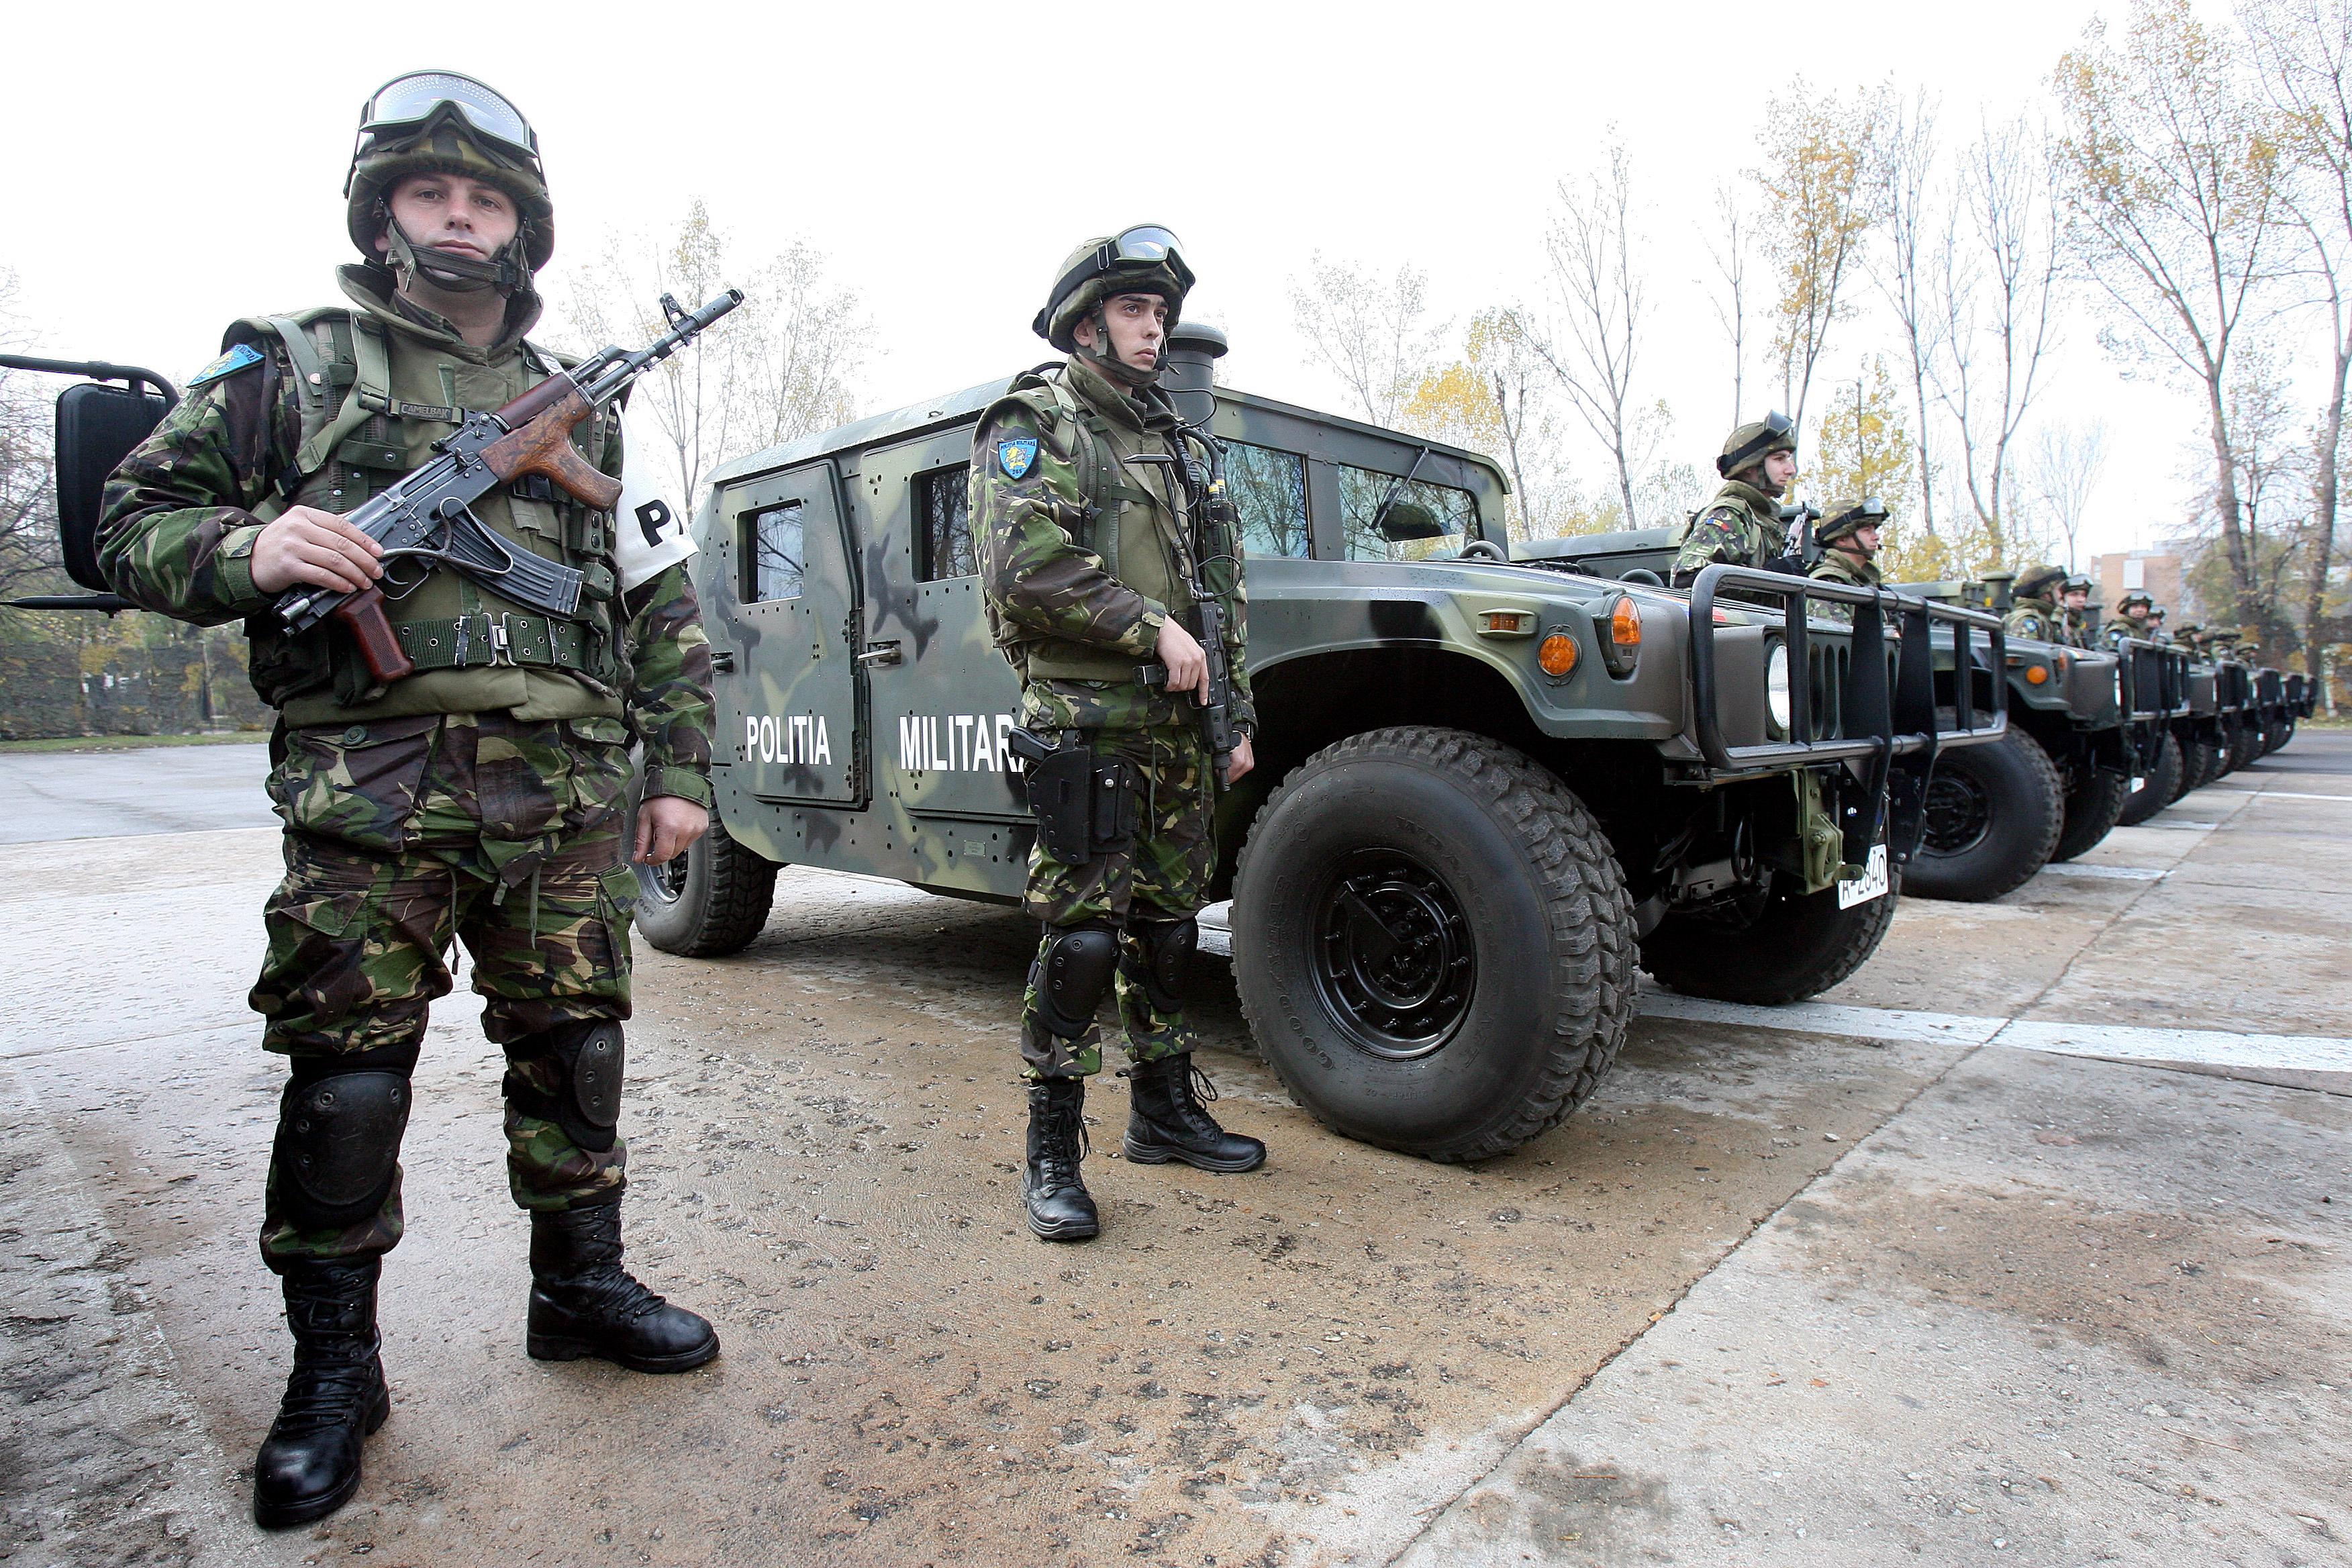 România intră în carantină totală și scoate Armata în stradă începând de miercuri, 25 martie|EpicNews